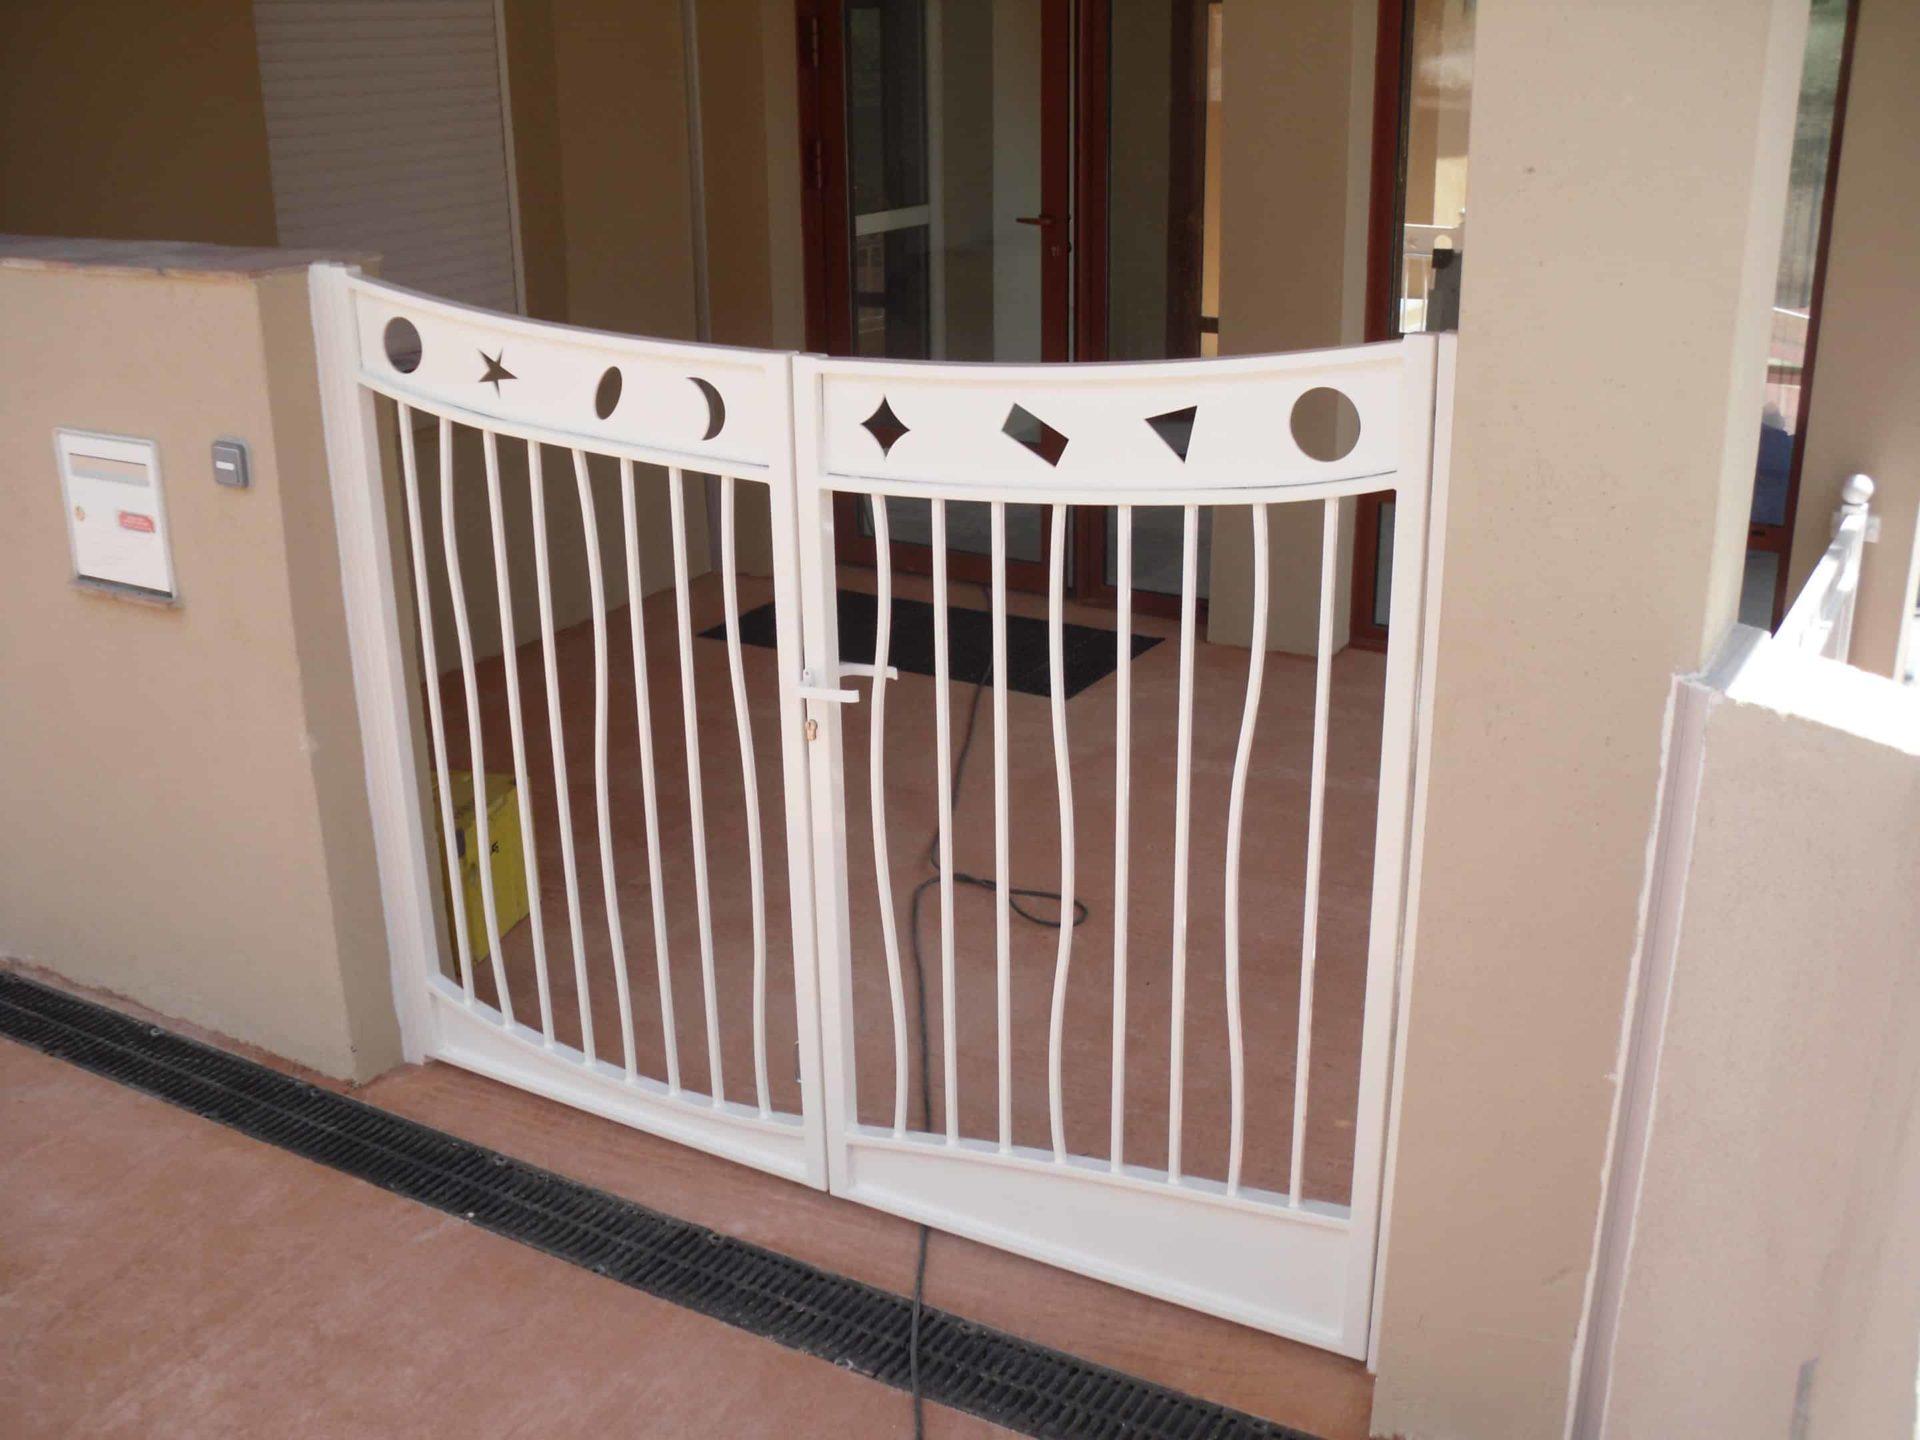 portail en aluminium réalisation sur mesure pour une crèche VAR